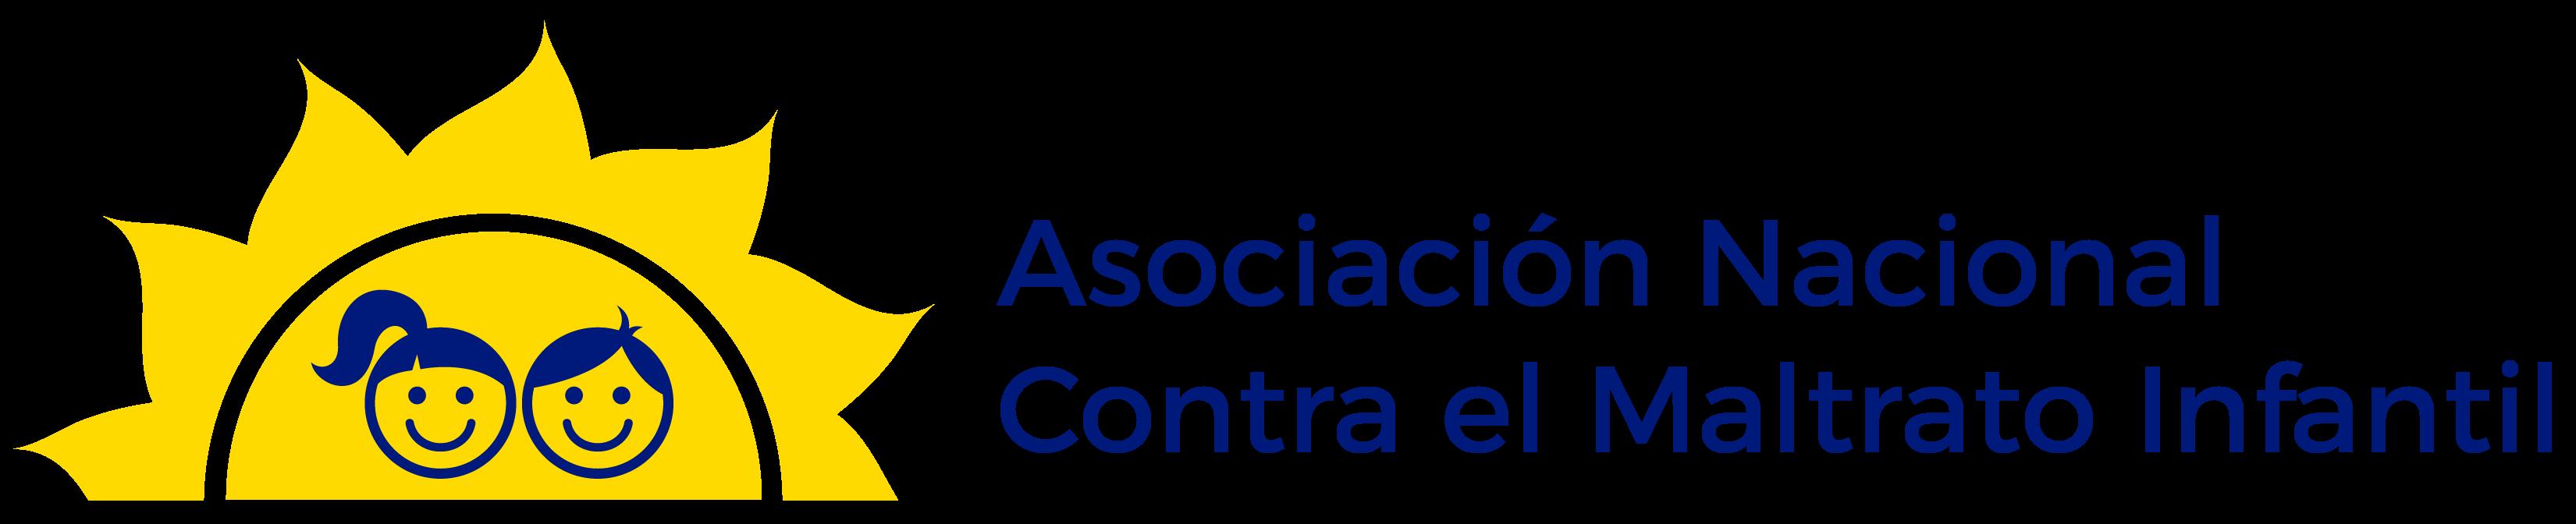 Conacmi - Asociación Nacional Contra el Maltrato Infantil